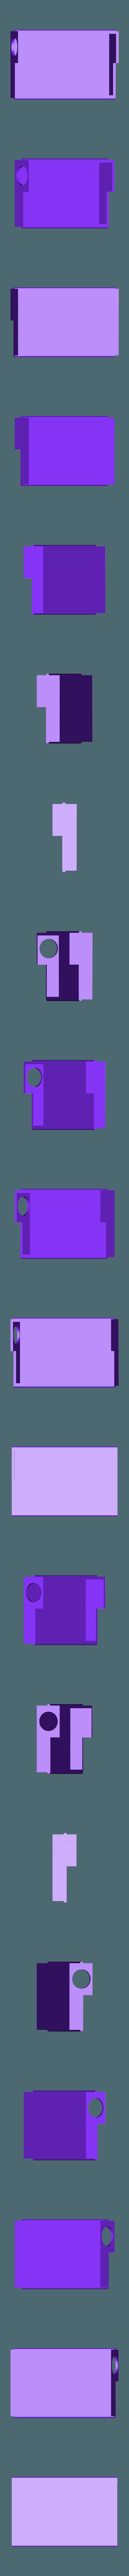 LipstickHolderDrawer.stl Download free STL file LipstickHolder • 3D printer model, Digitang3D